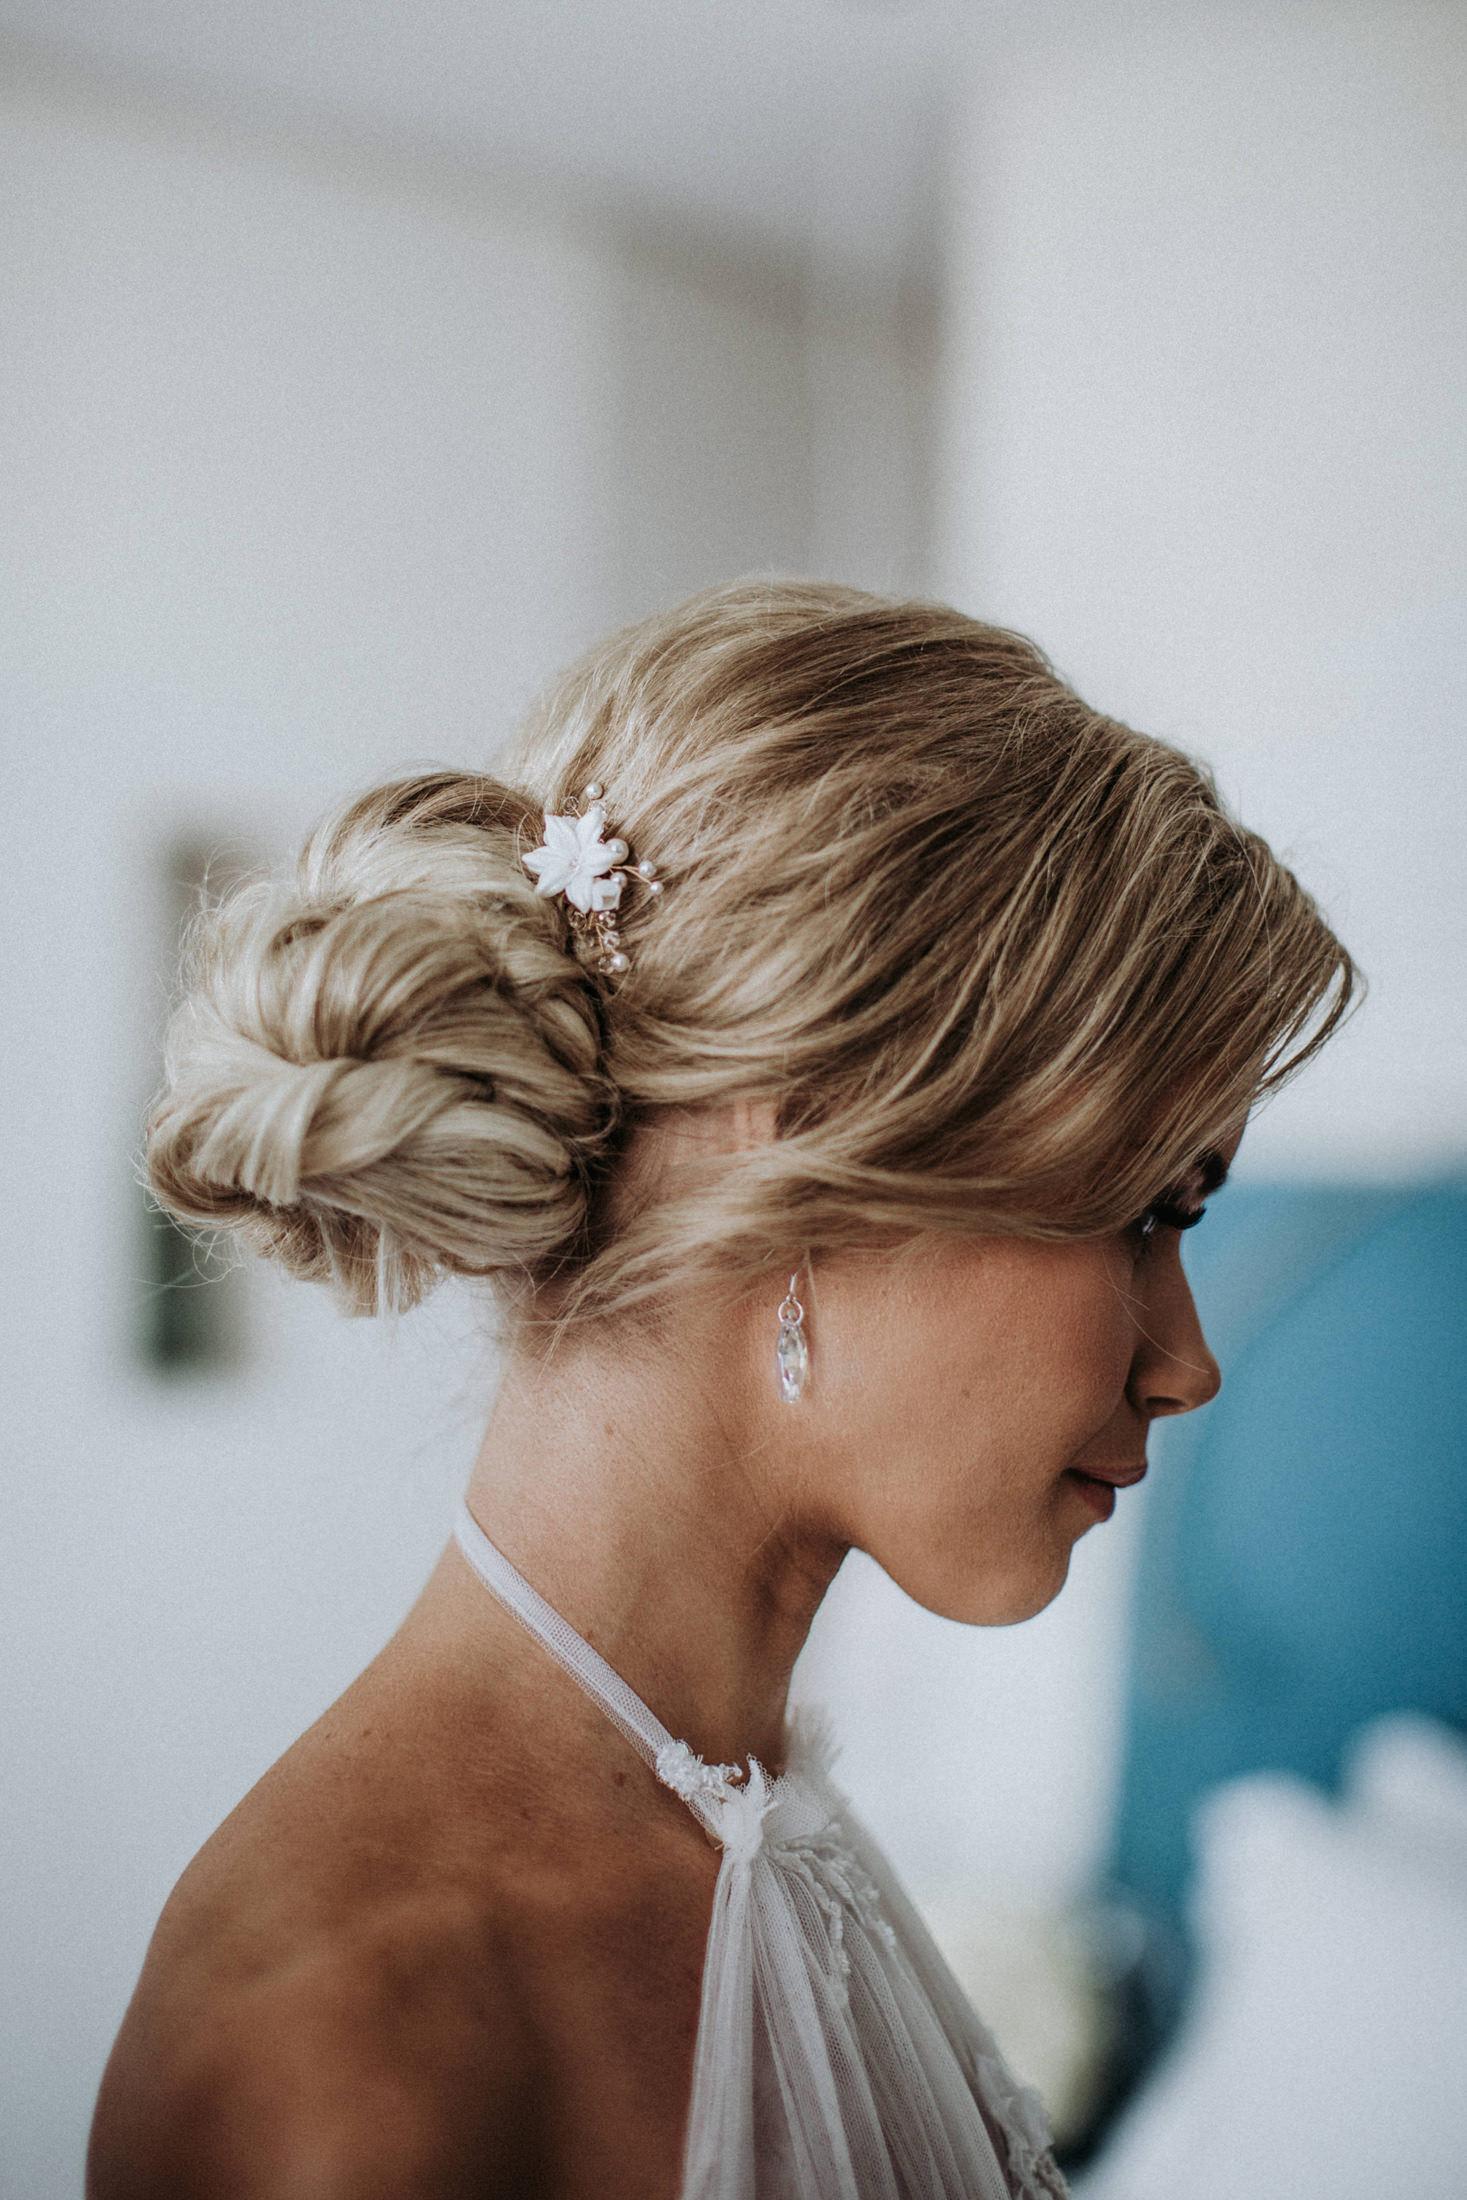 DanielaMarquardt_Wedding_Thailand_101